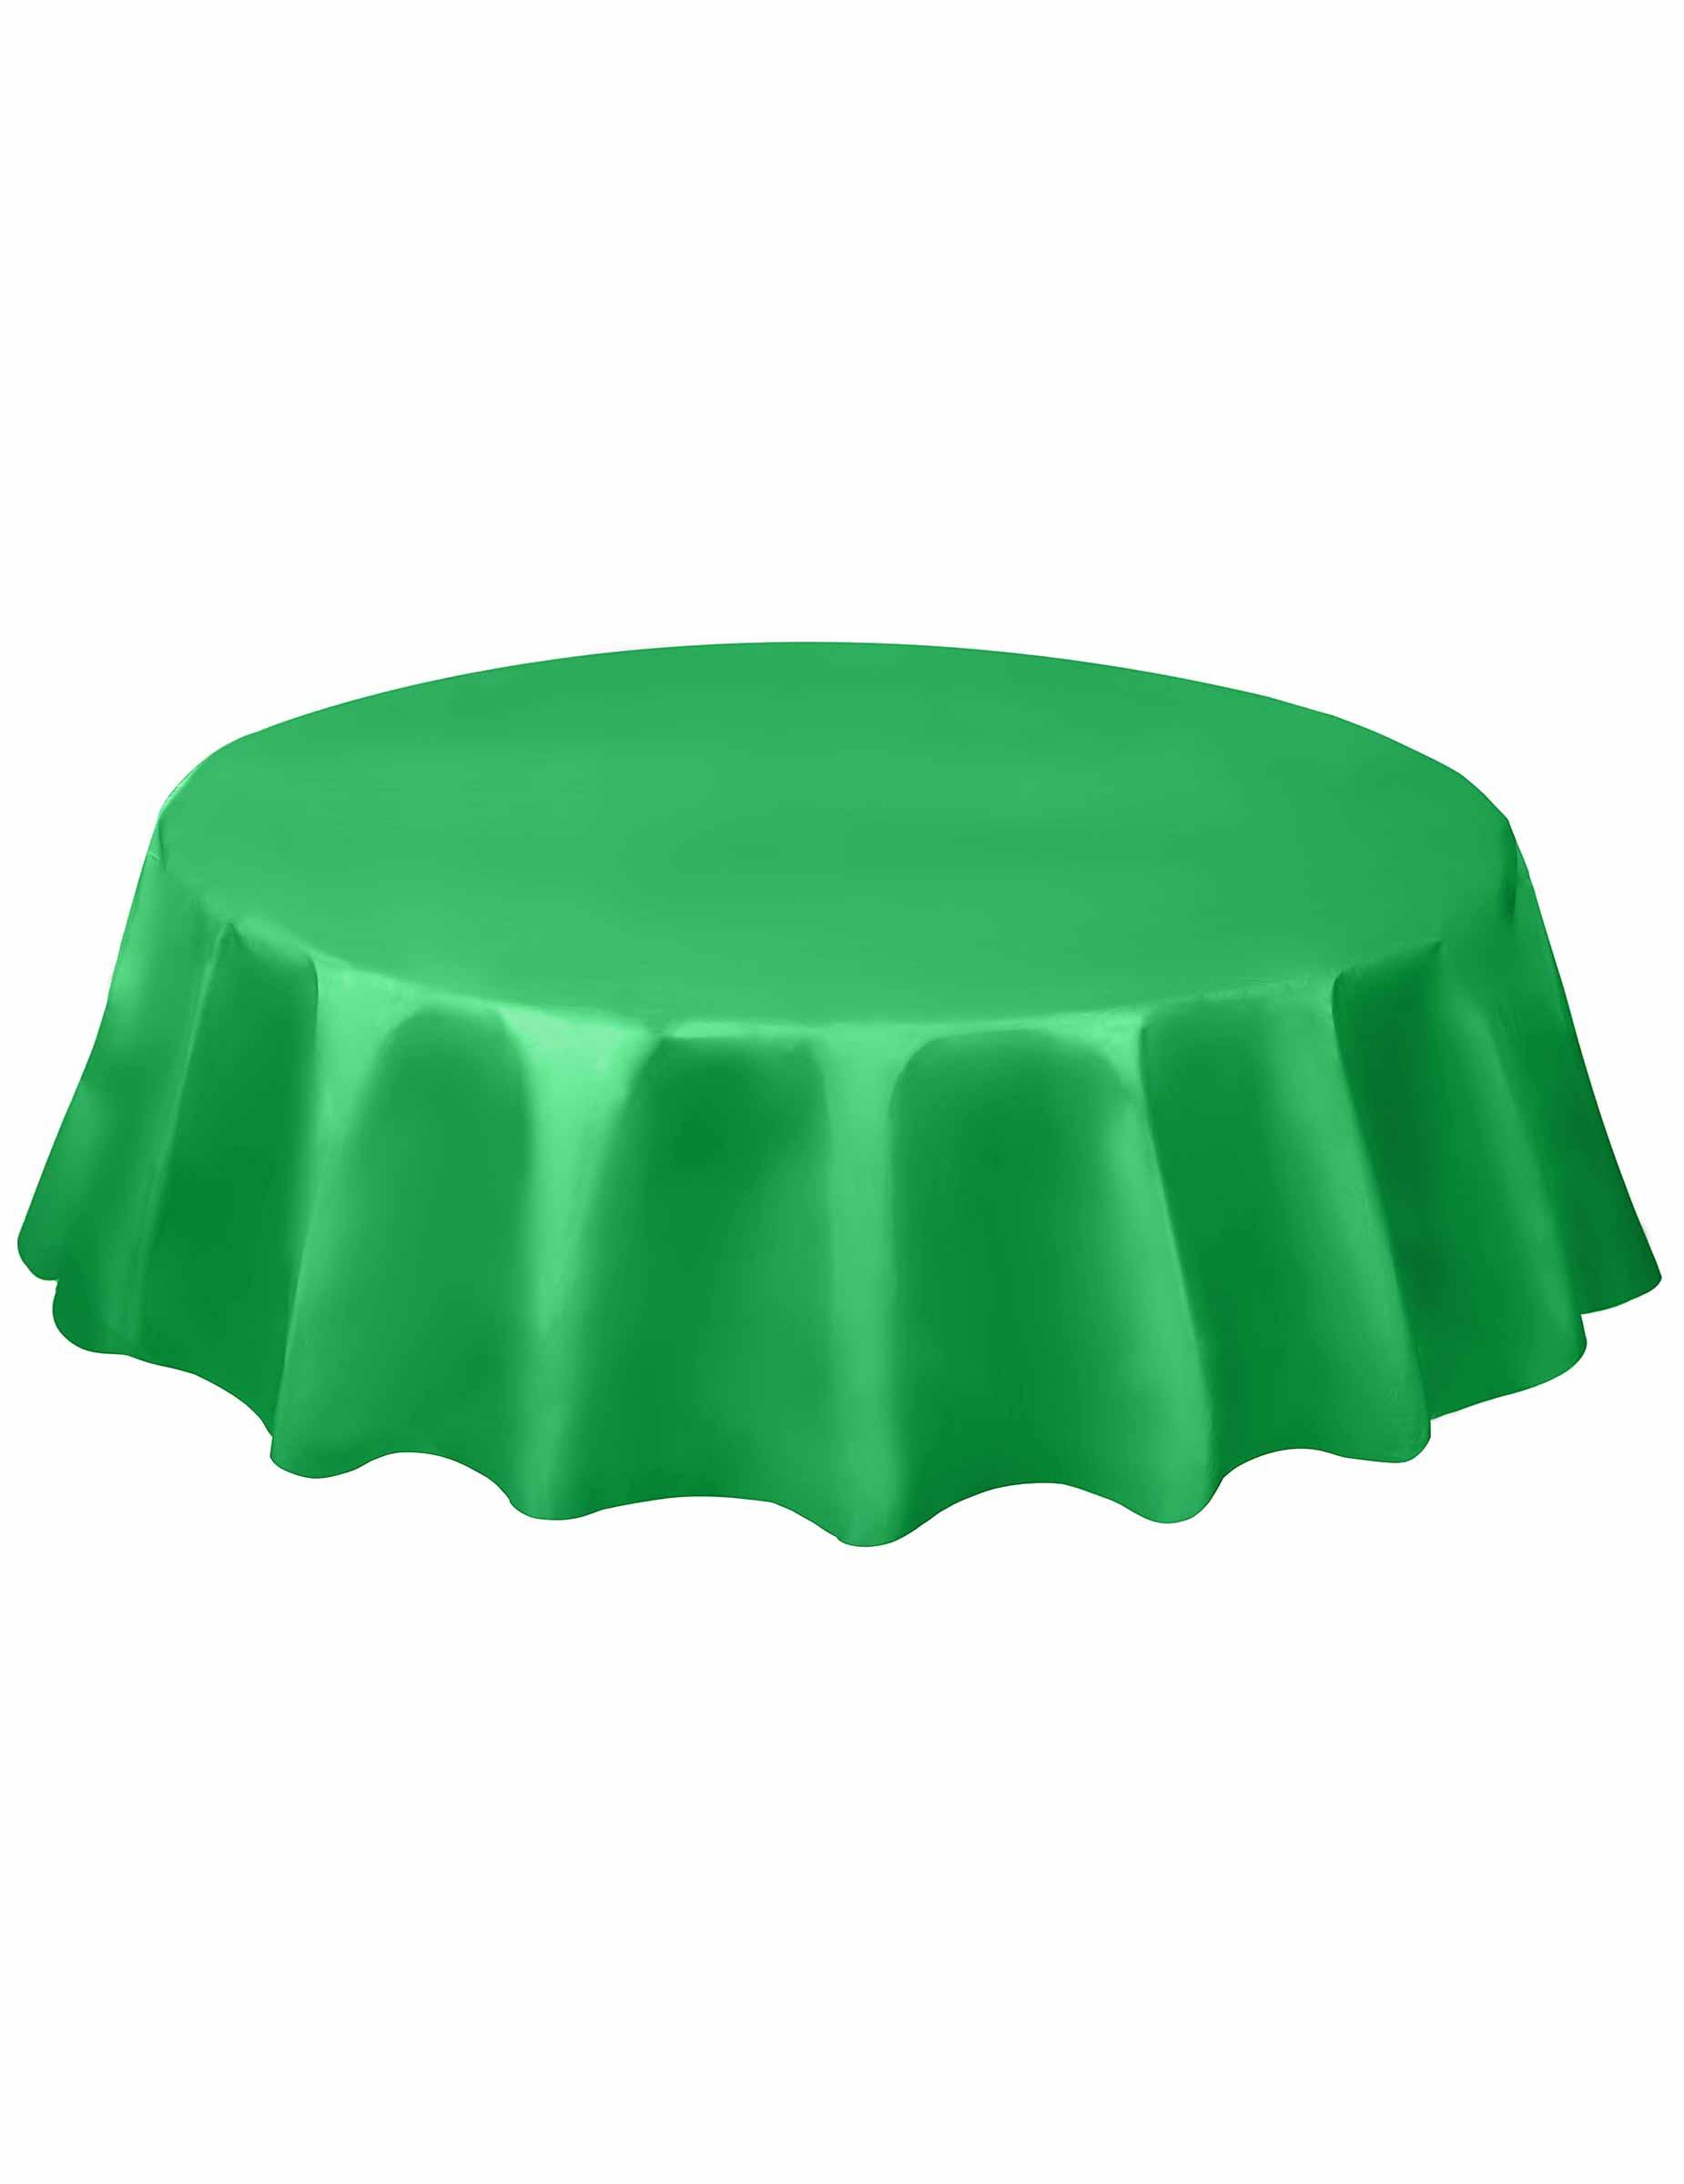 Runde Party Tischdecke Tischdeko Smaragdgrun 213cm Gunstige